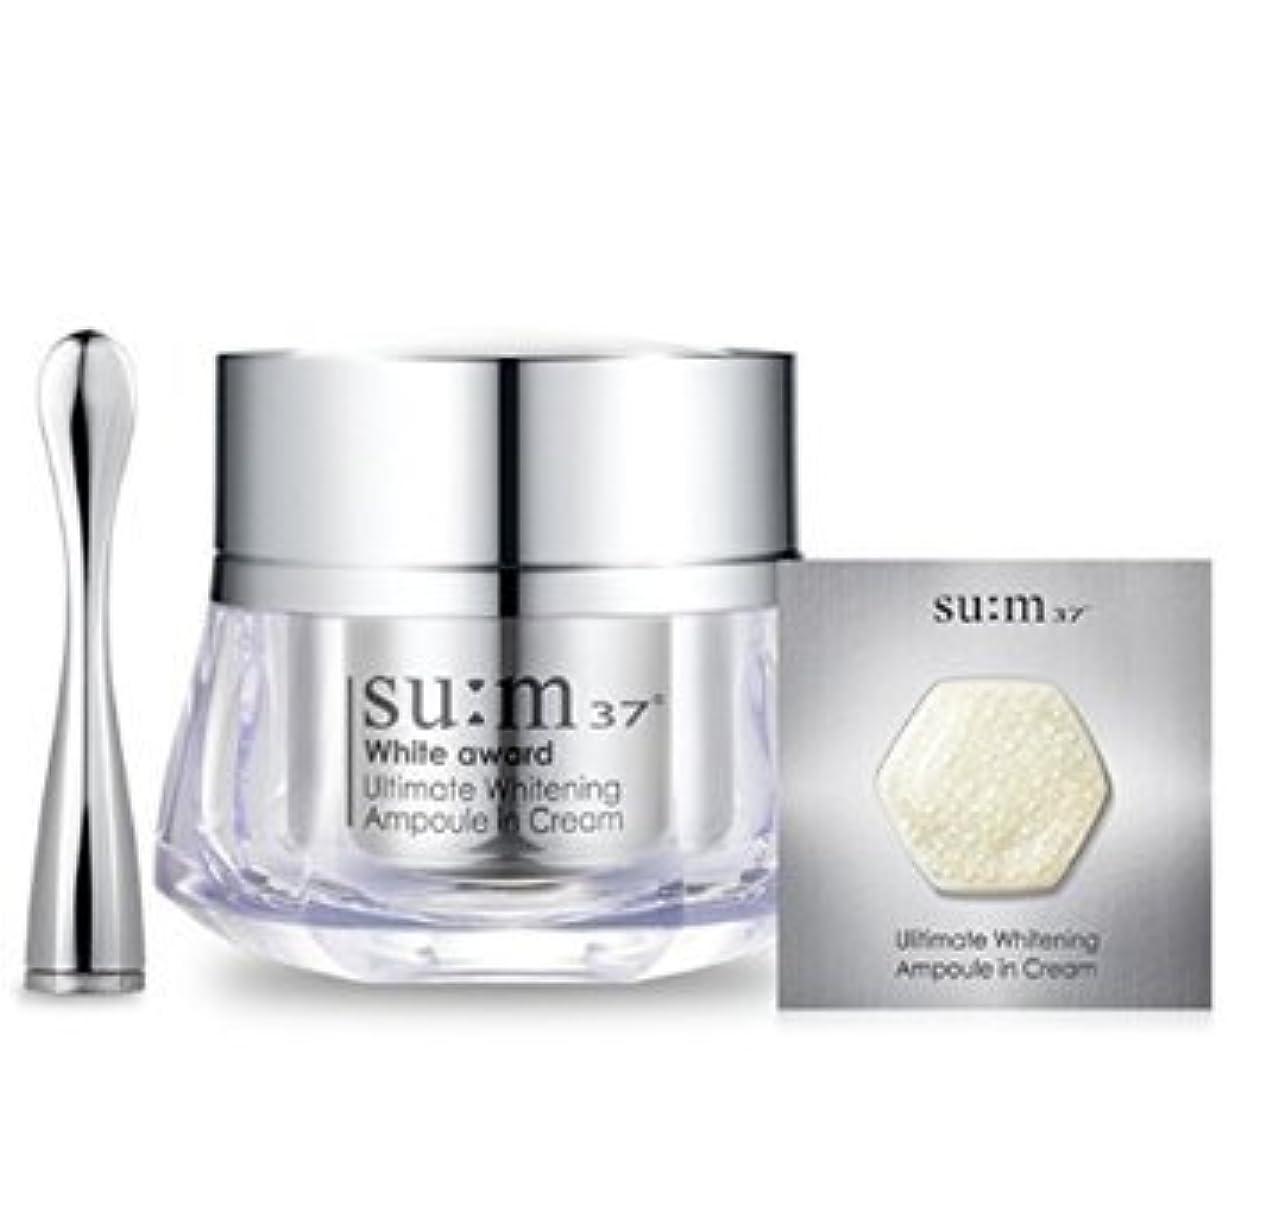 骨アーサーコナンドイル裁判官Korean Cosmetics_LG Su:m 37 White Award Ultimate Whitening Ampoule in Cream_45g[行輸入品]